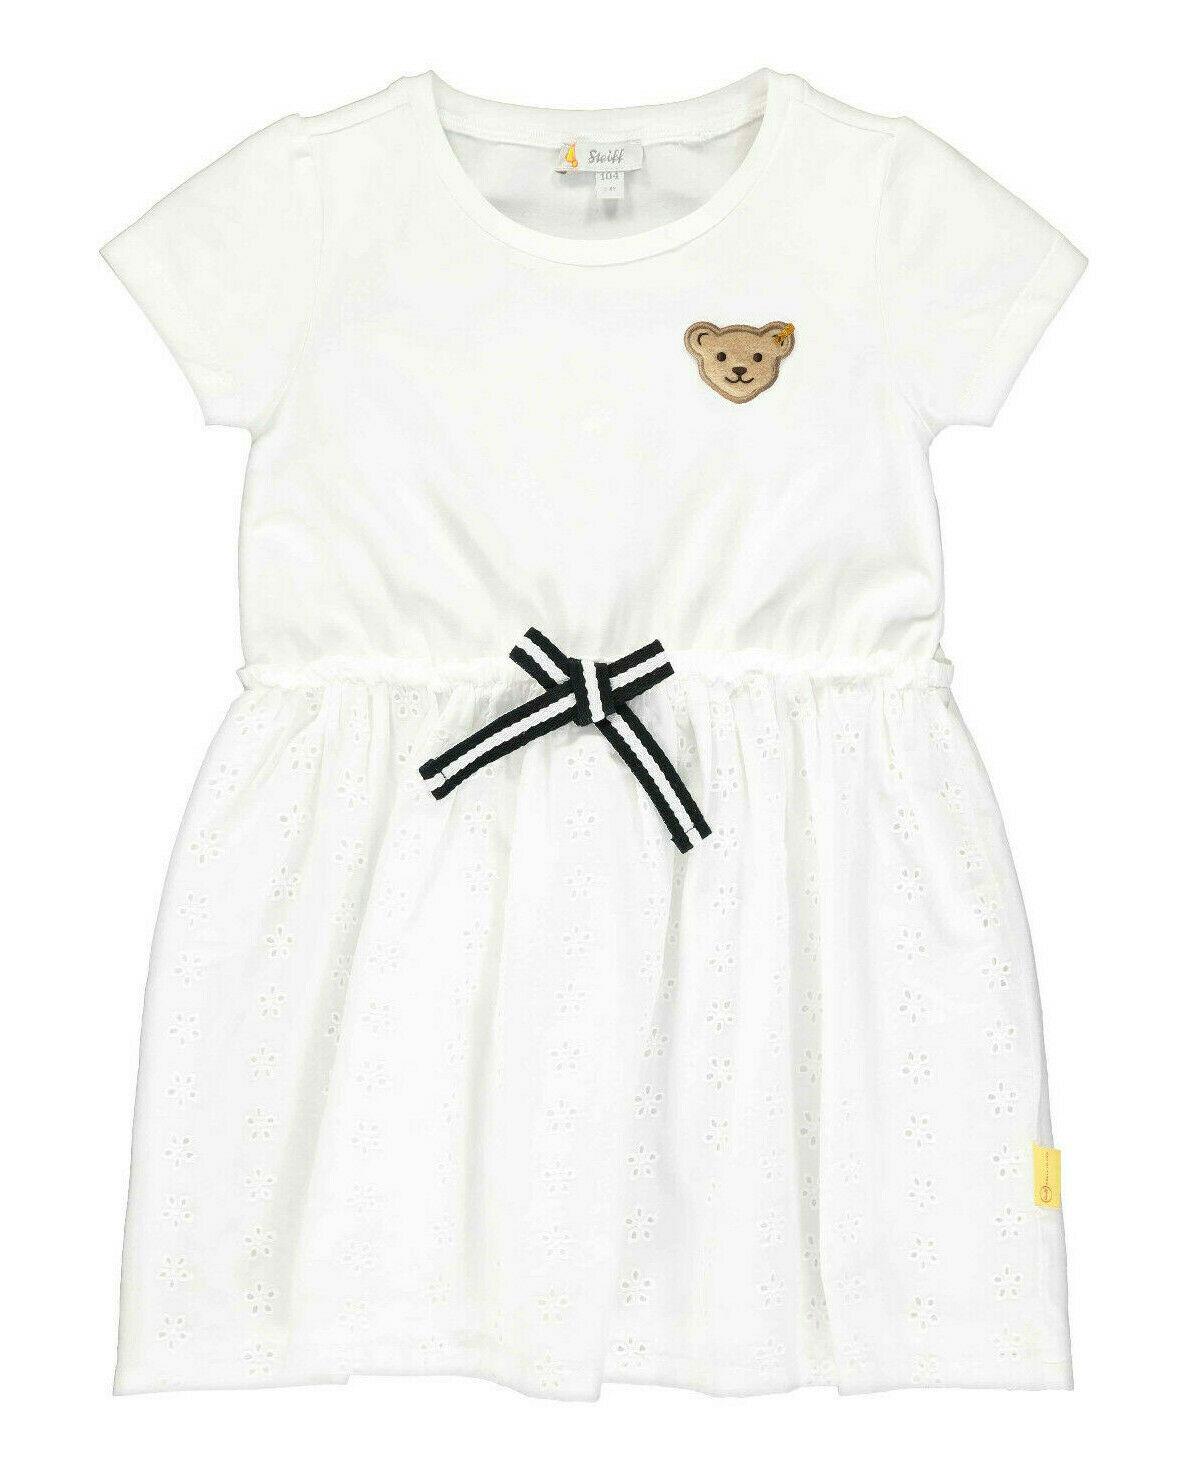 STEIFF® Mädchen festliches Kleid Lochstickerei  KIDS DREAMS- Kindersachen  die Spaß machen!